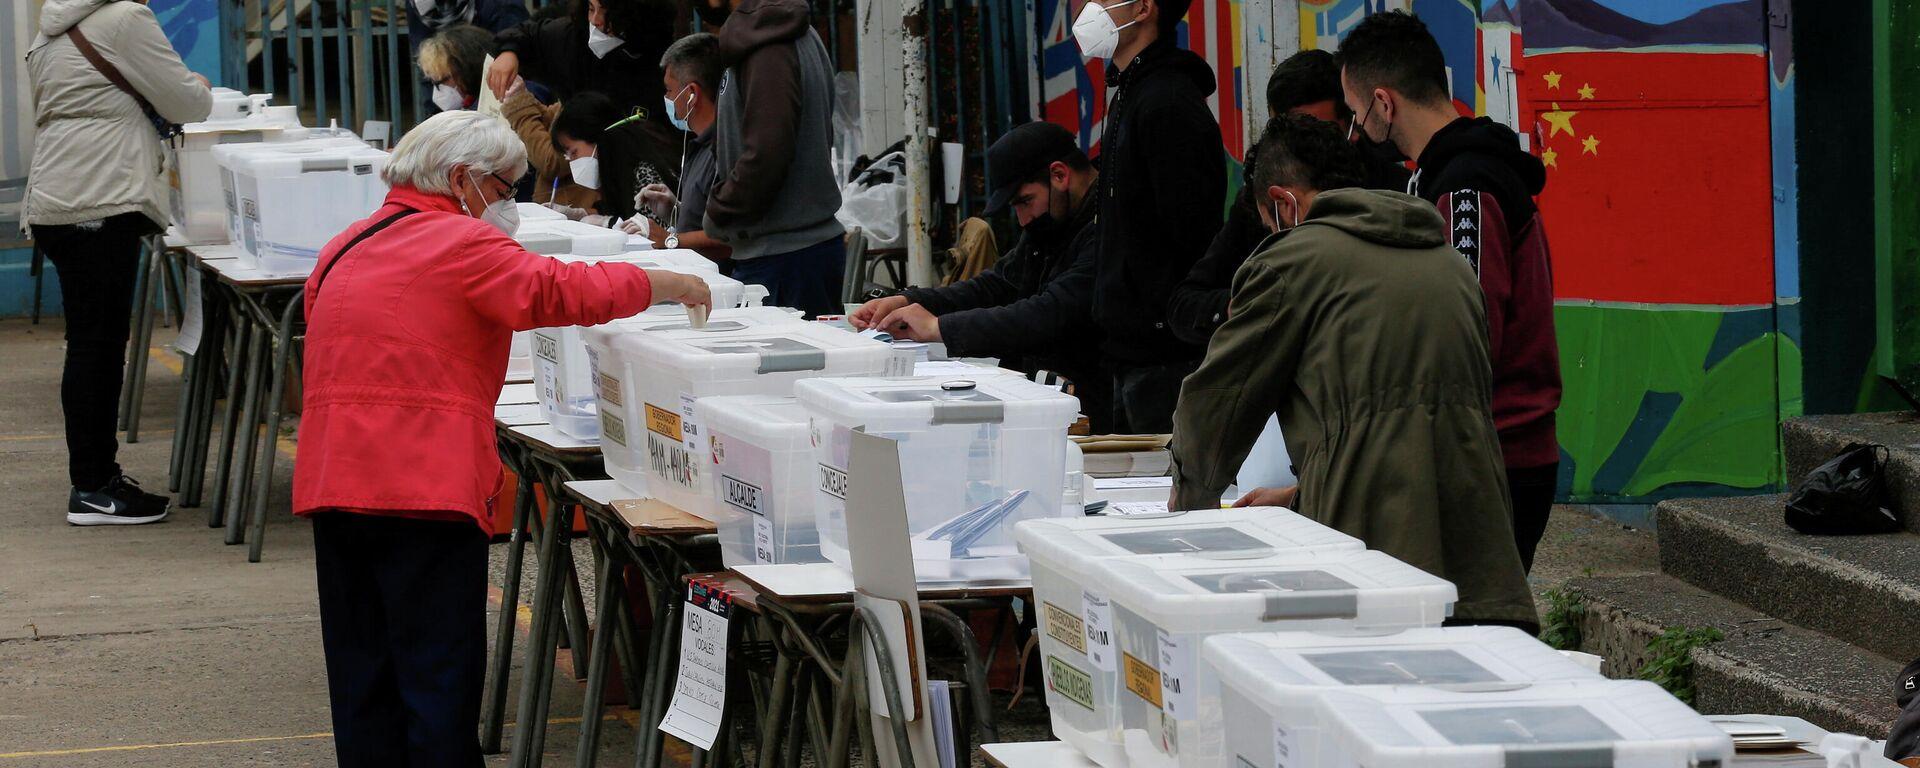 Votación en Chile - Sputnik Mundo, 1920, 18.05.2021